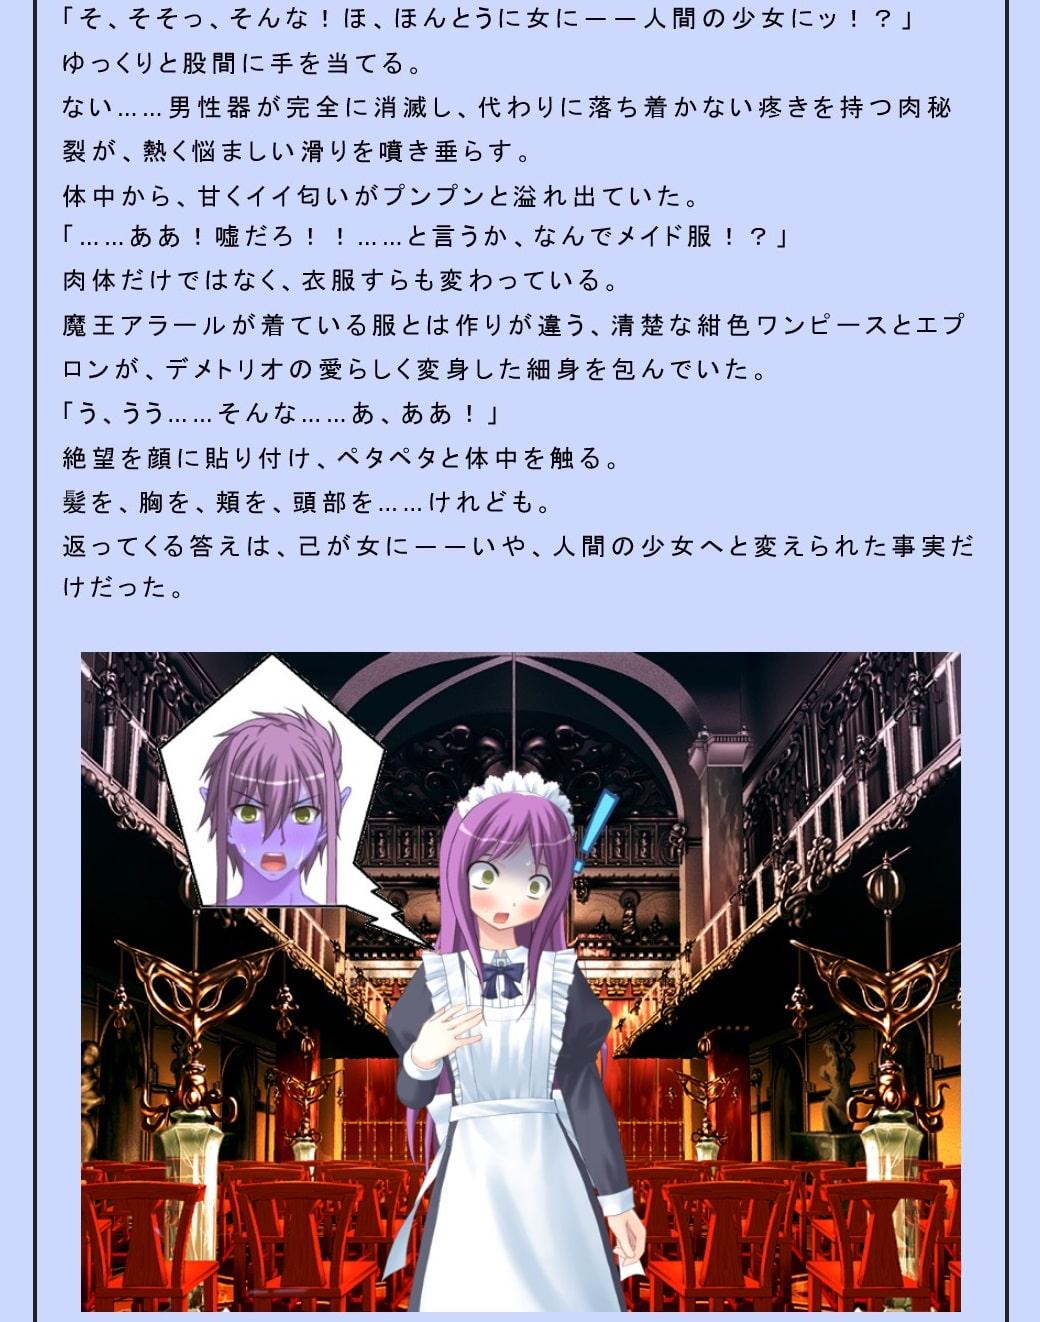 魔族デメトリオの忠誠~この身は魔王様の為にッ!!~